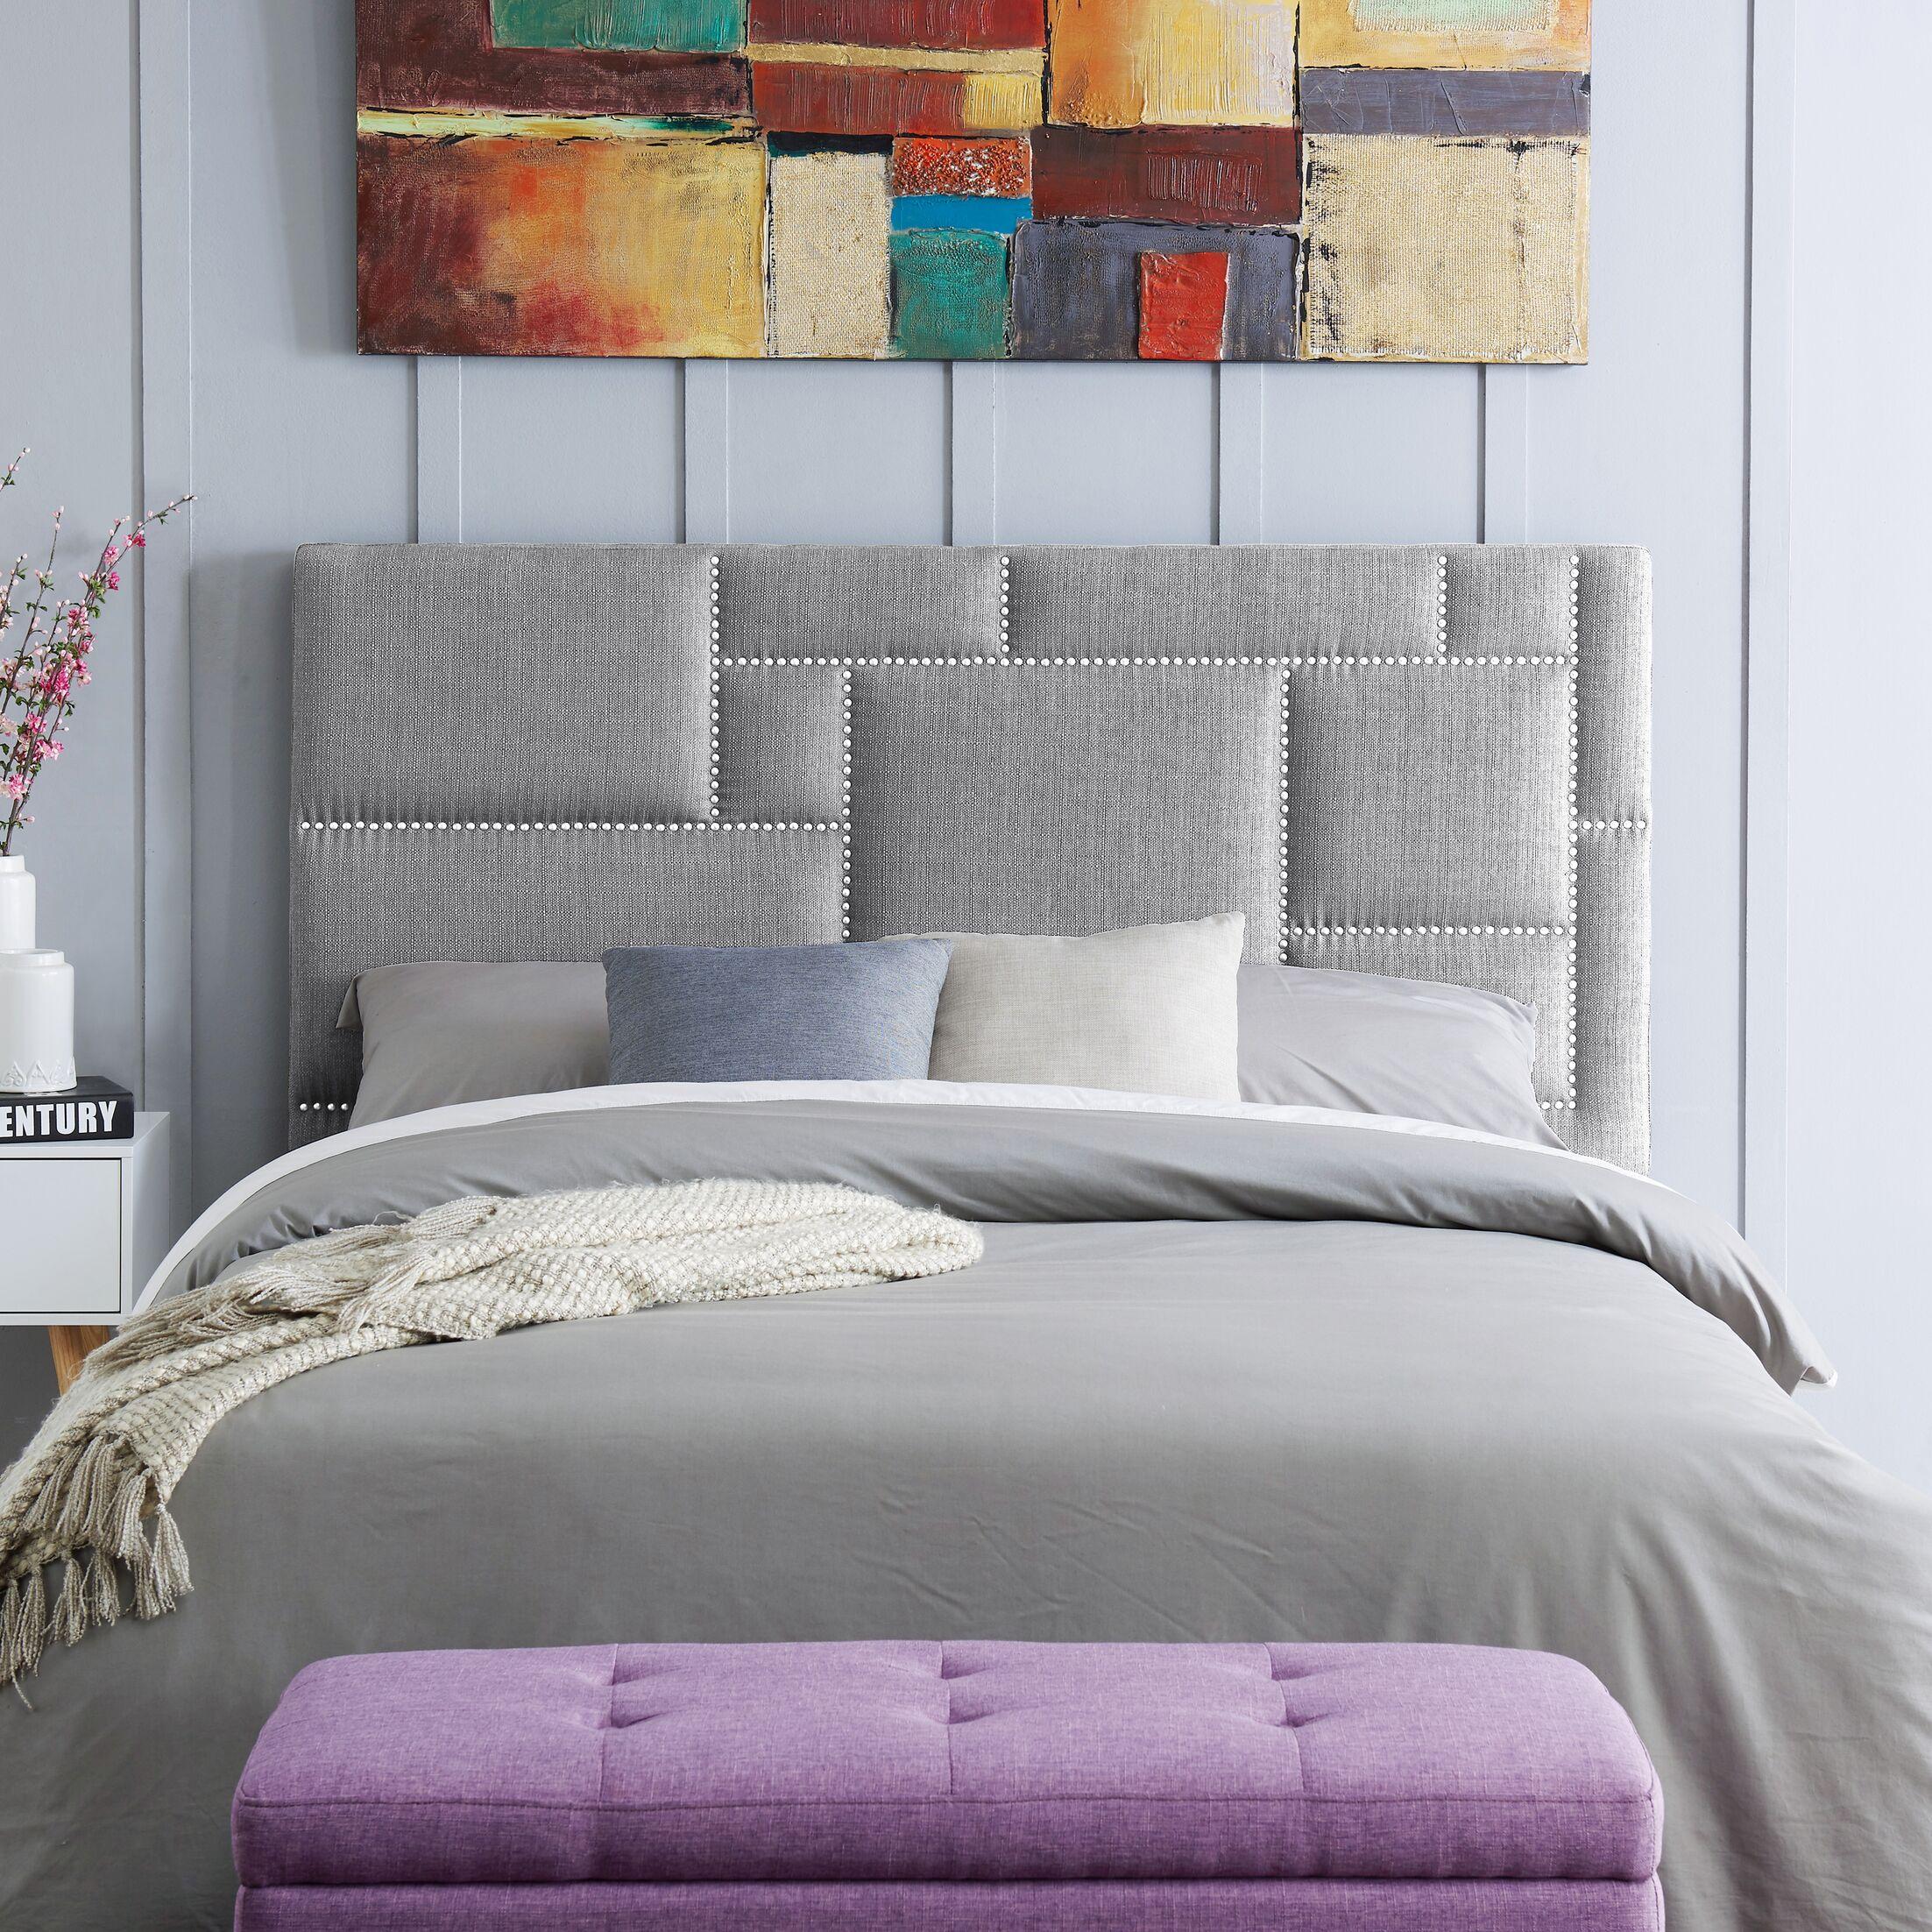 Kerner Upholstered Panel Headboard Upholstery: Dove Gray, Size: King/CalKing